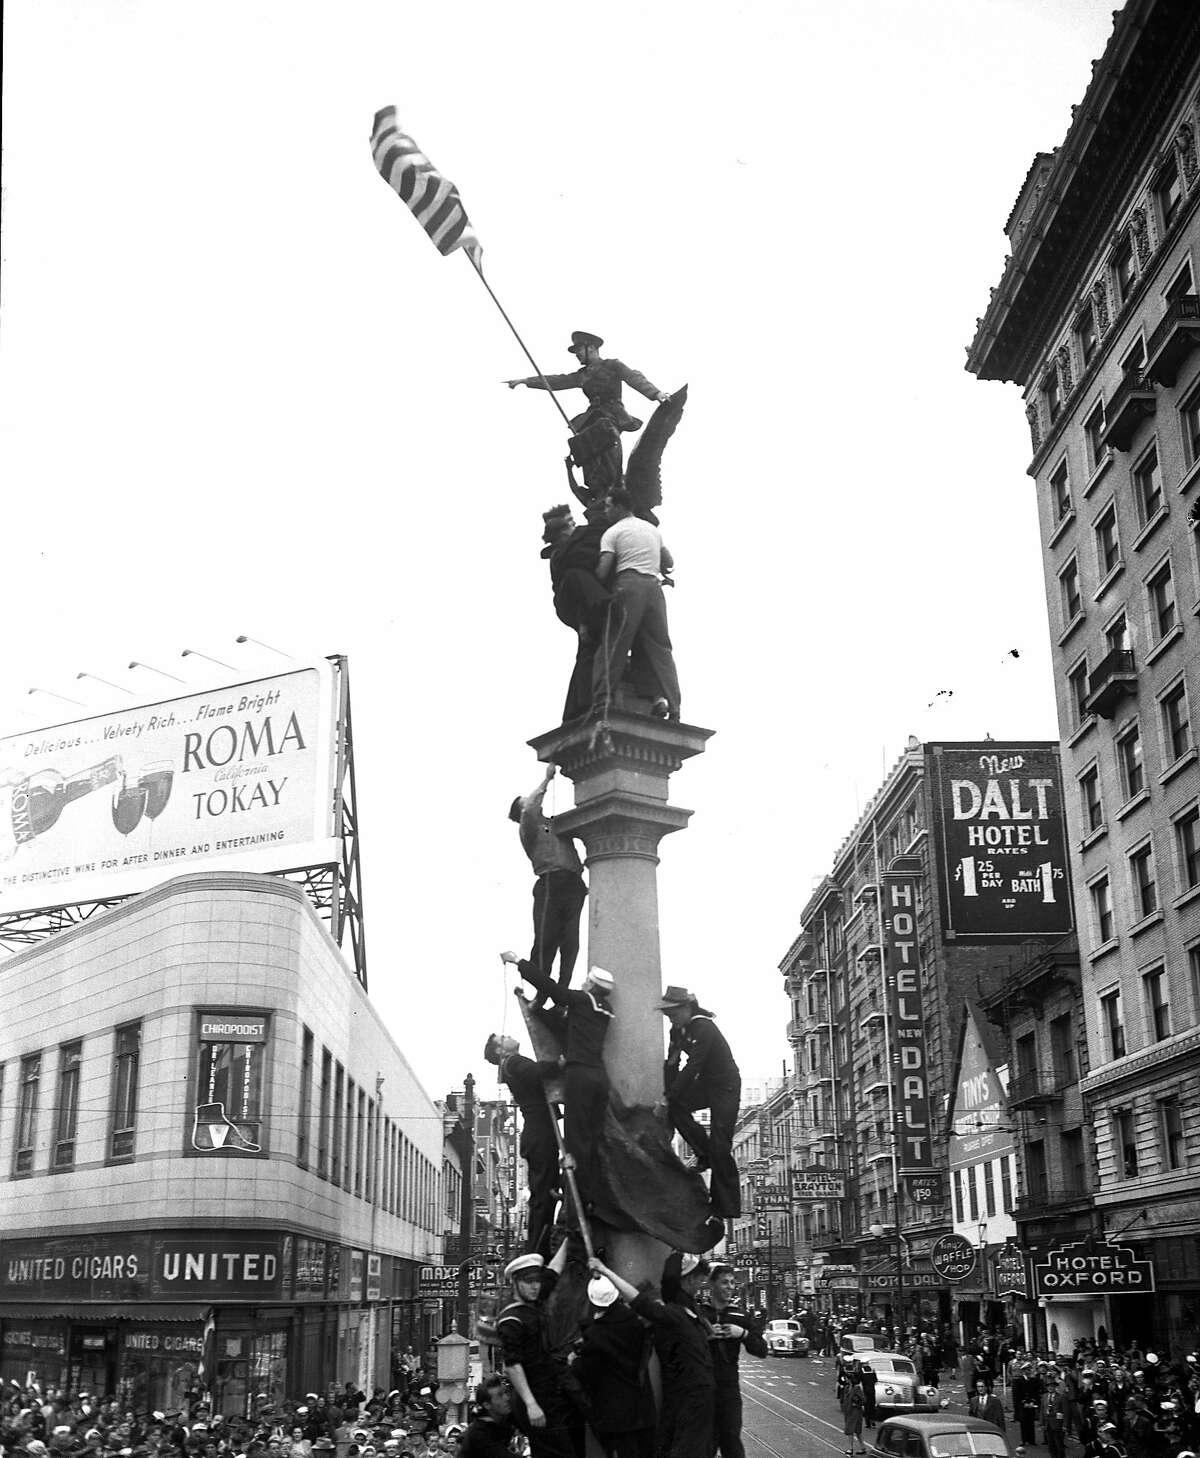 V-J Day celebration in San Francisco ..August 14-15 1945 End of World War II, Japan surrenders